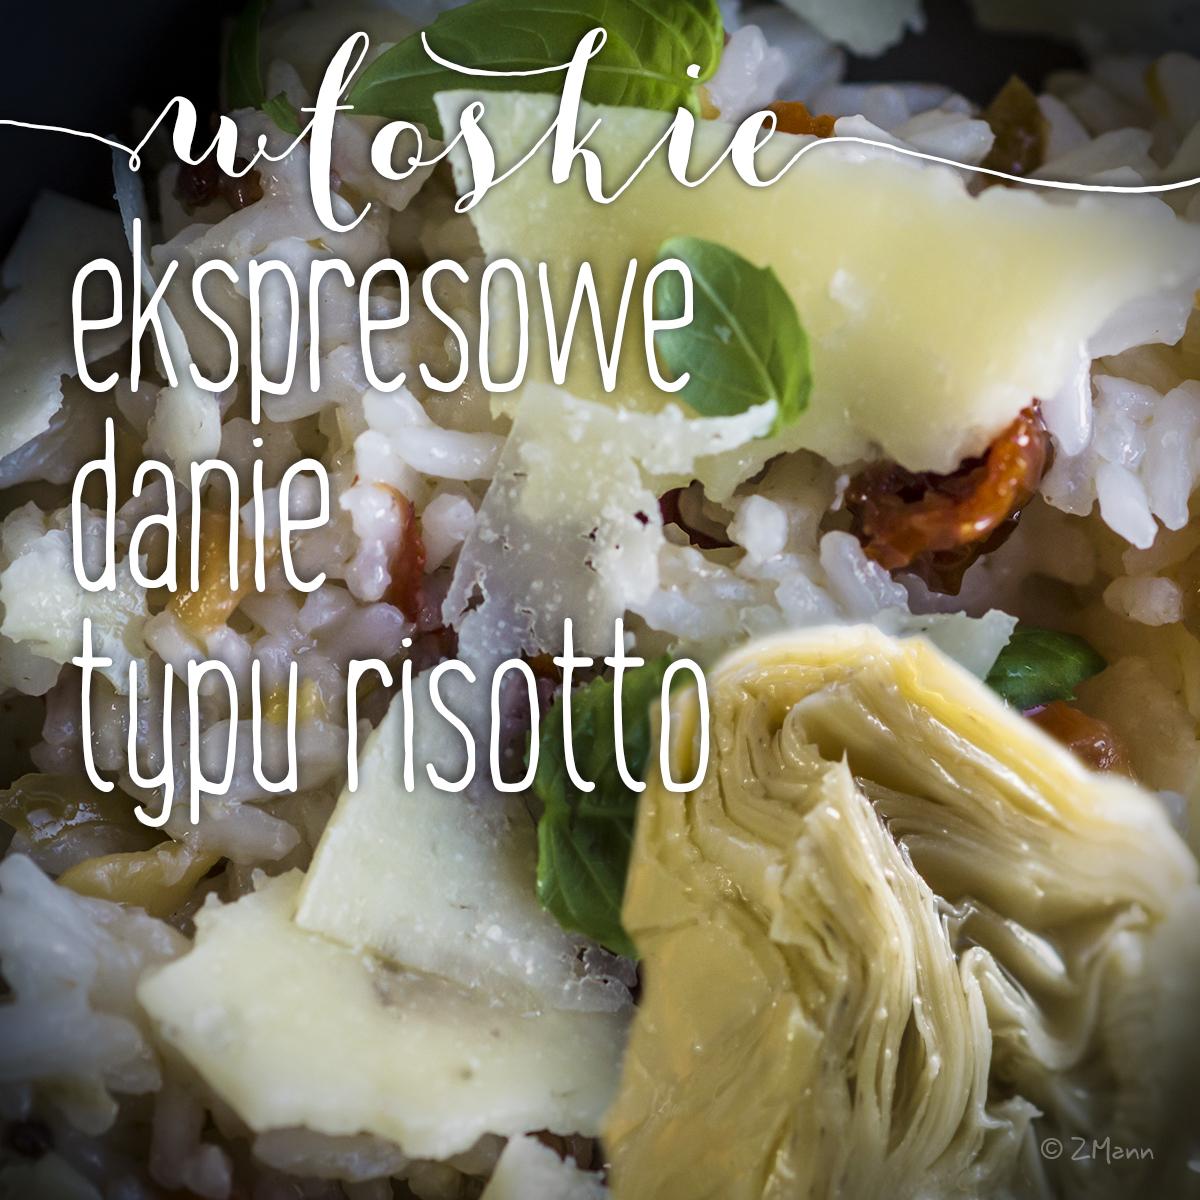 ekspresowe danie typu risotto z karczochami